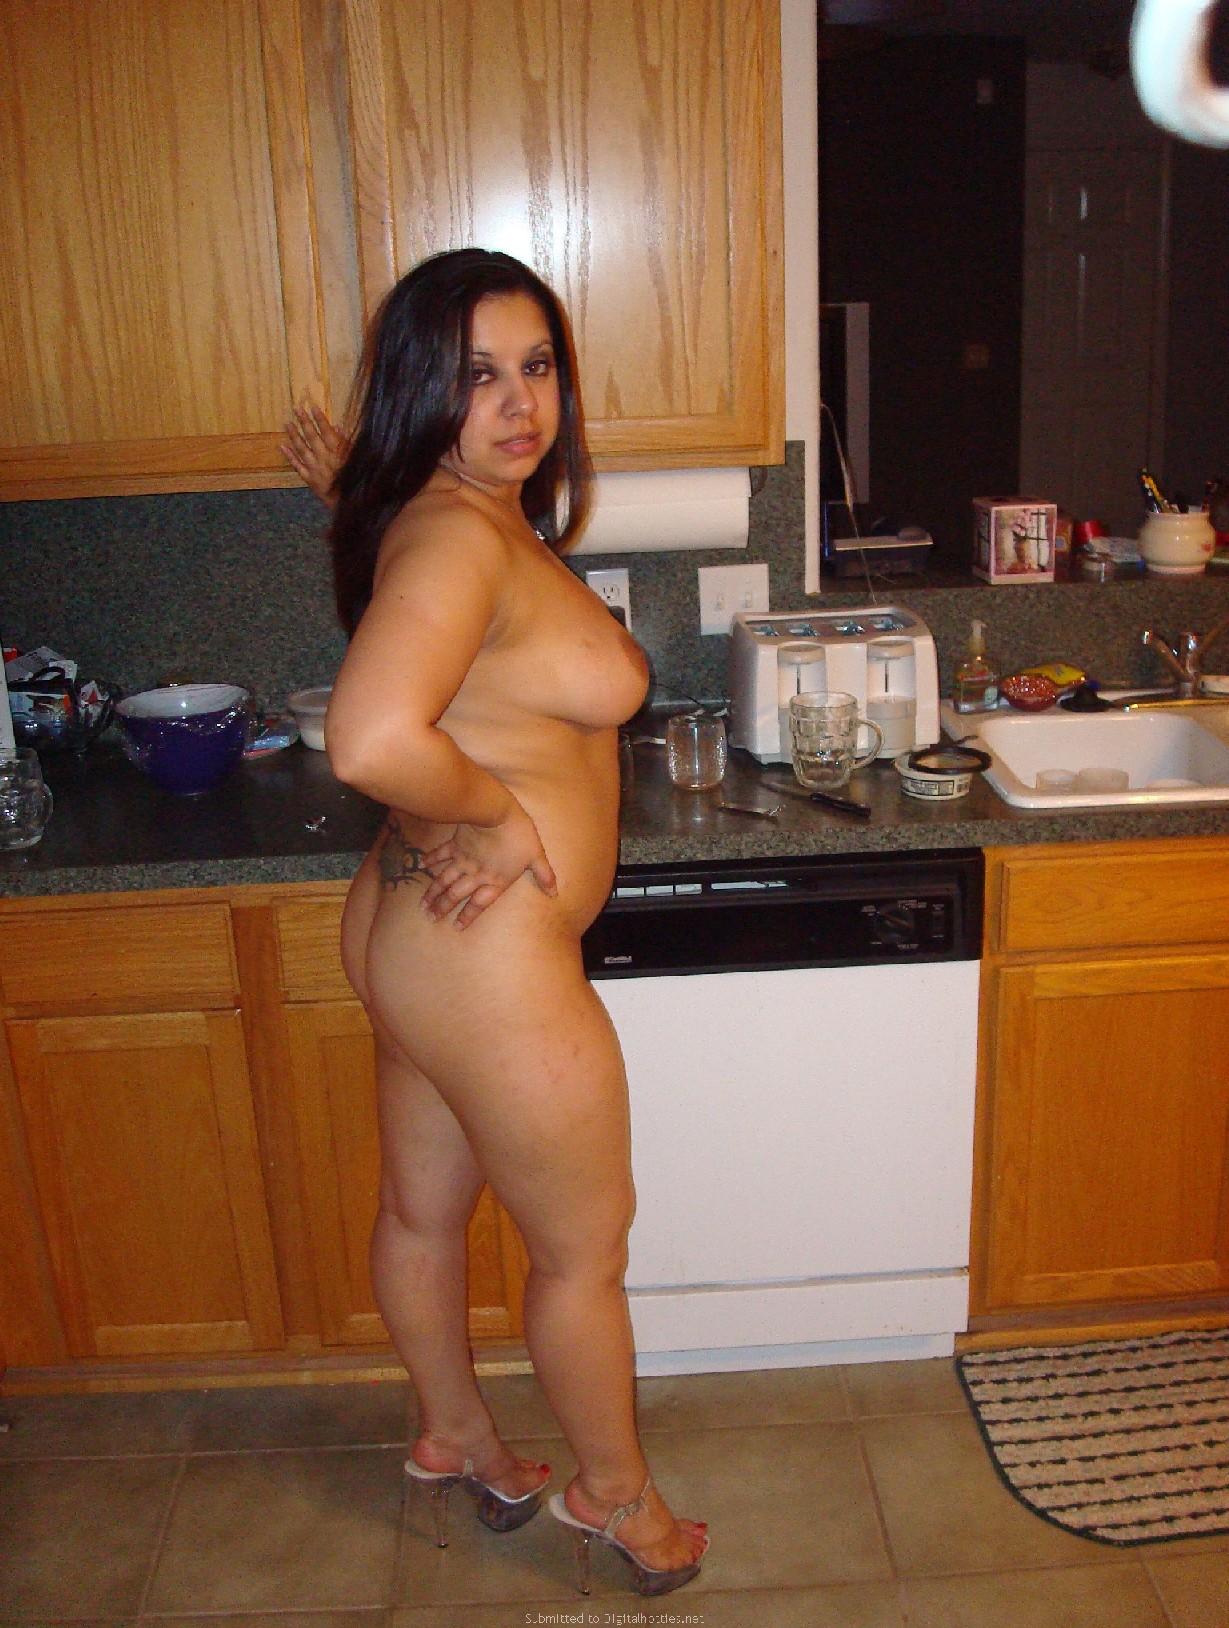 Горячие любительские фото красивых девушек в домашних условиях